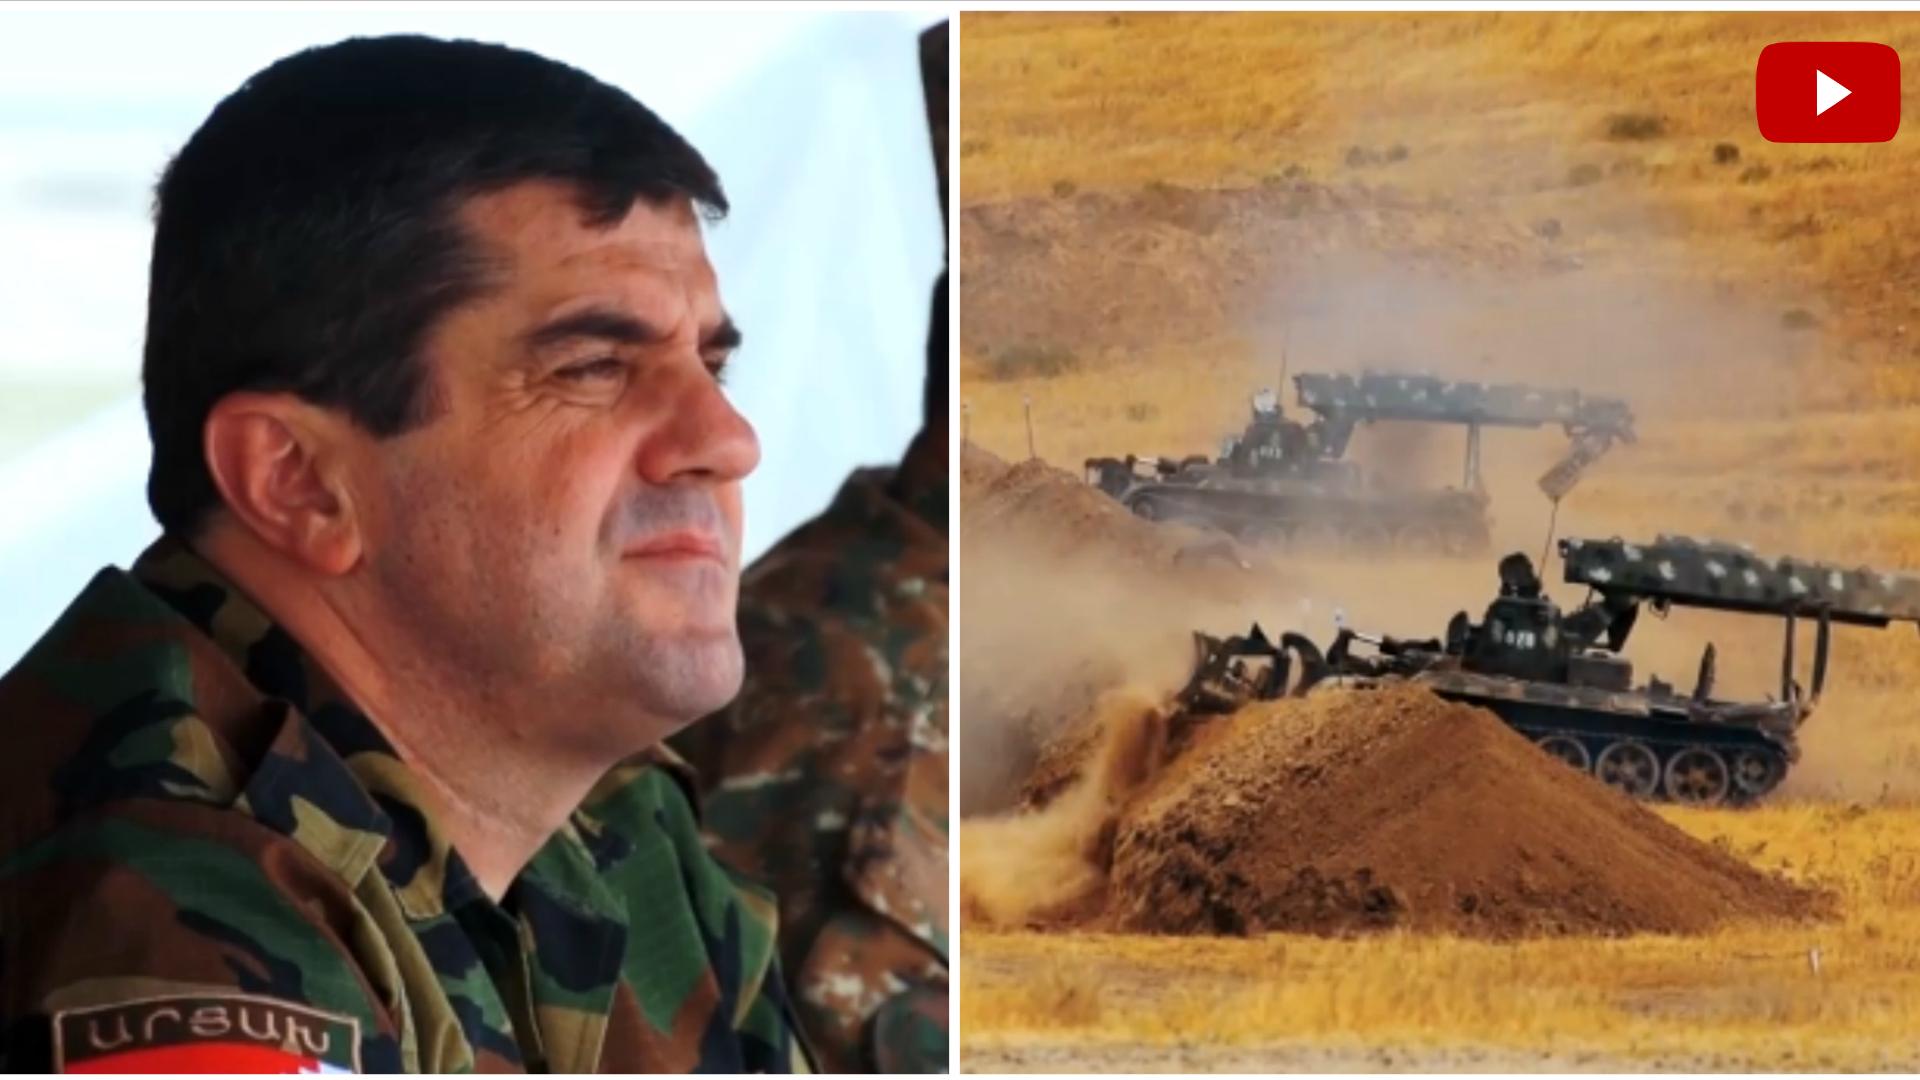 Մեր քաղաքական օրակարգում է գտնվում ադրբեջանական զինուժի կողմից օկուպացված, մոտ 1000 քառակուսի կմ տարածքի վերադարձման հարցը․ Արայիկ Հարությունյան (տեսանյութ)